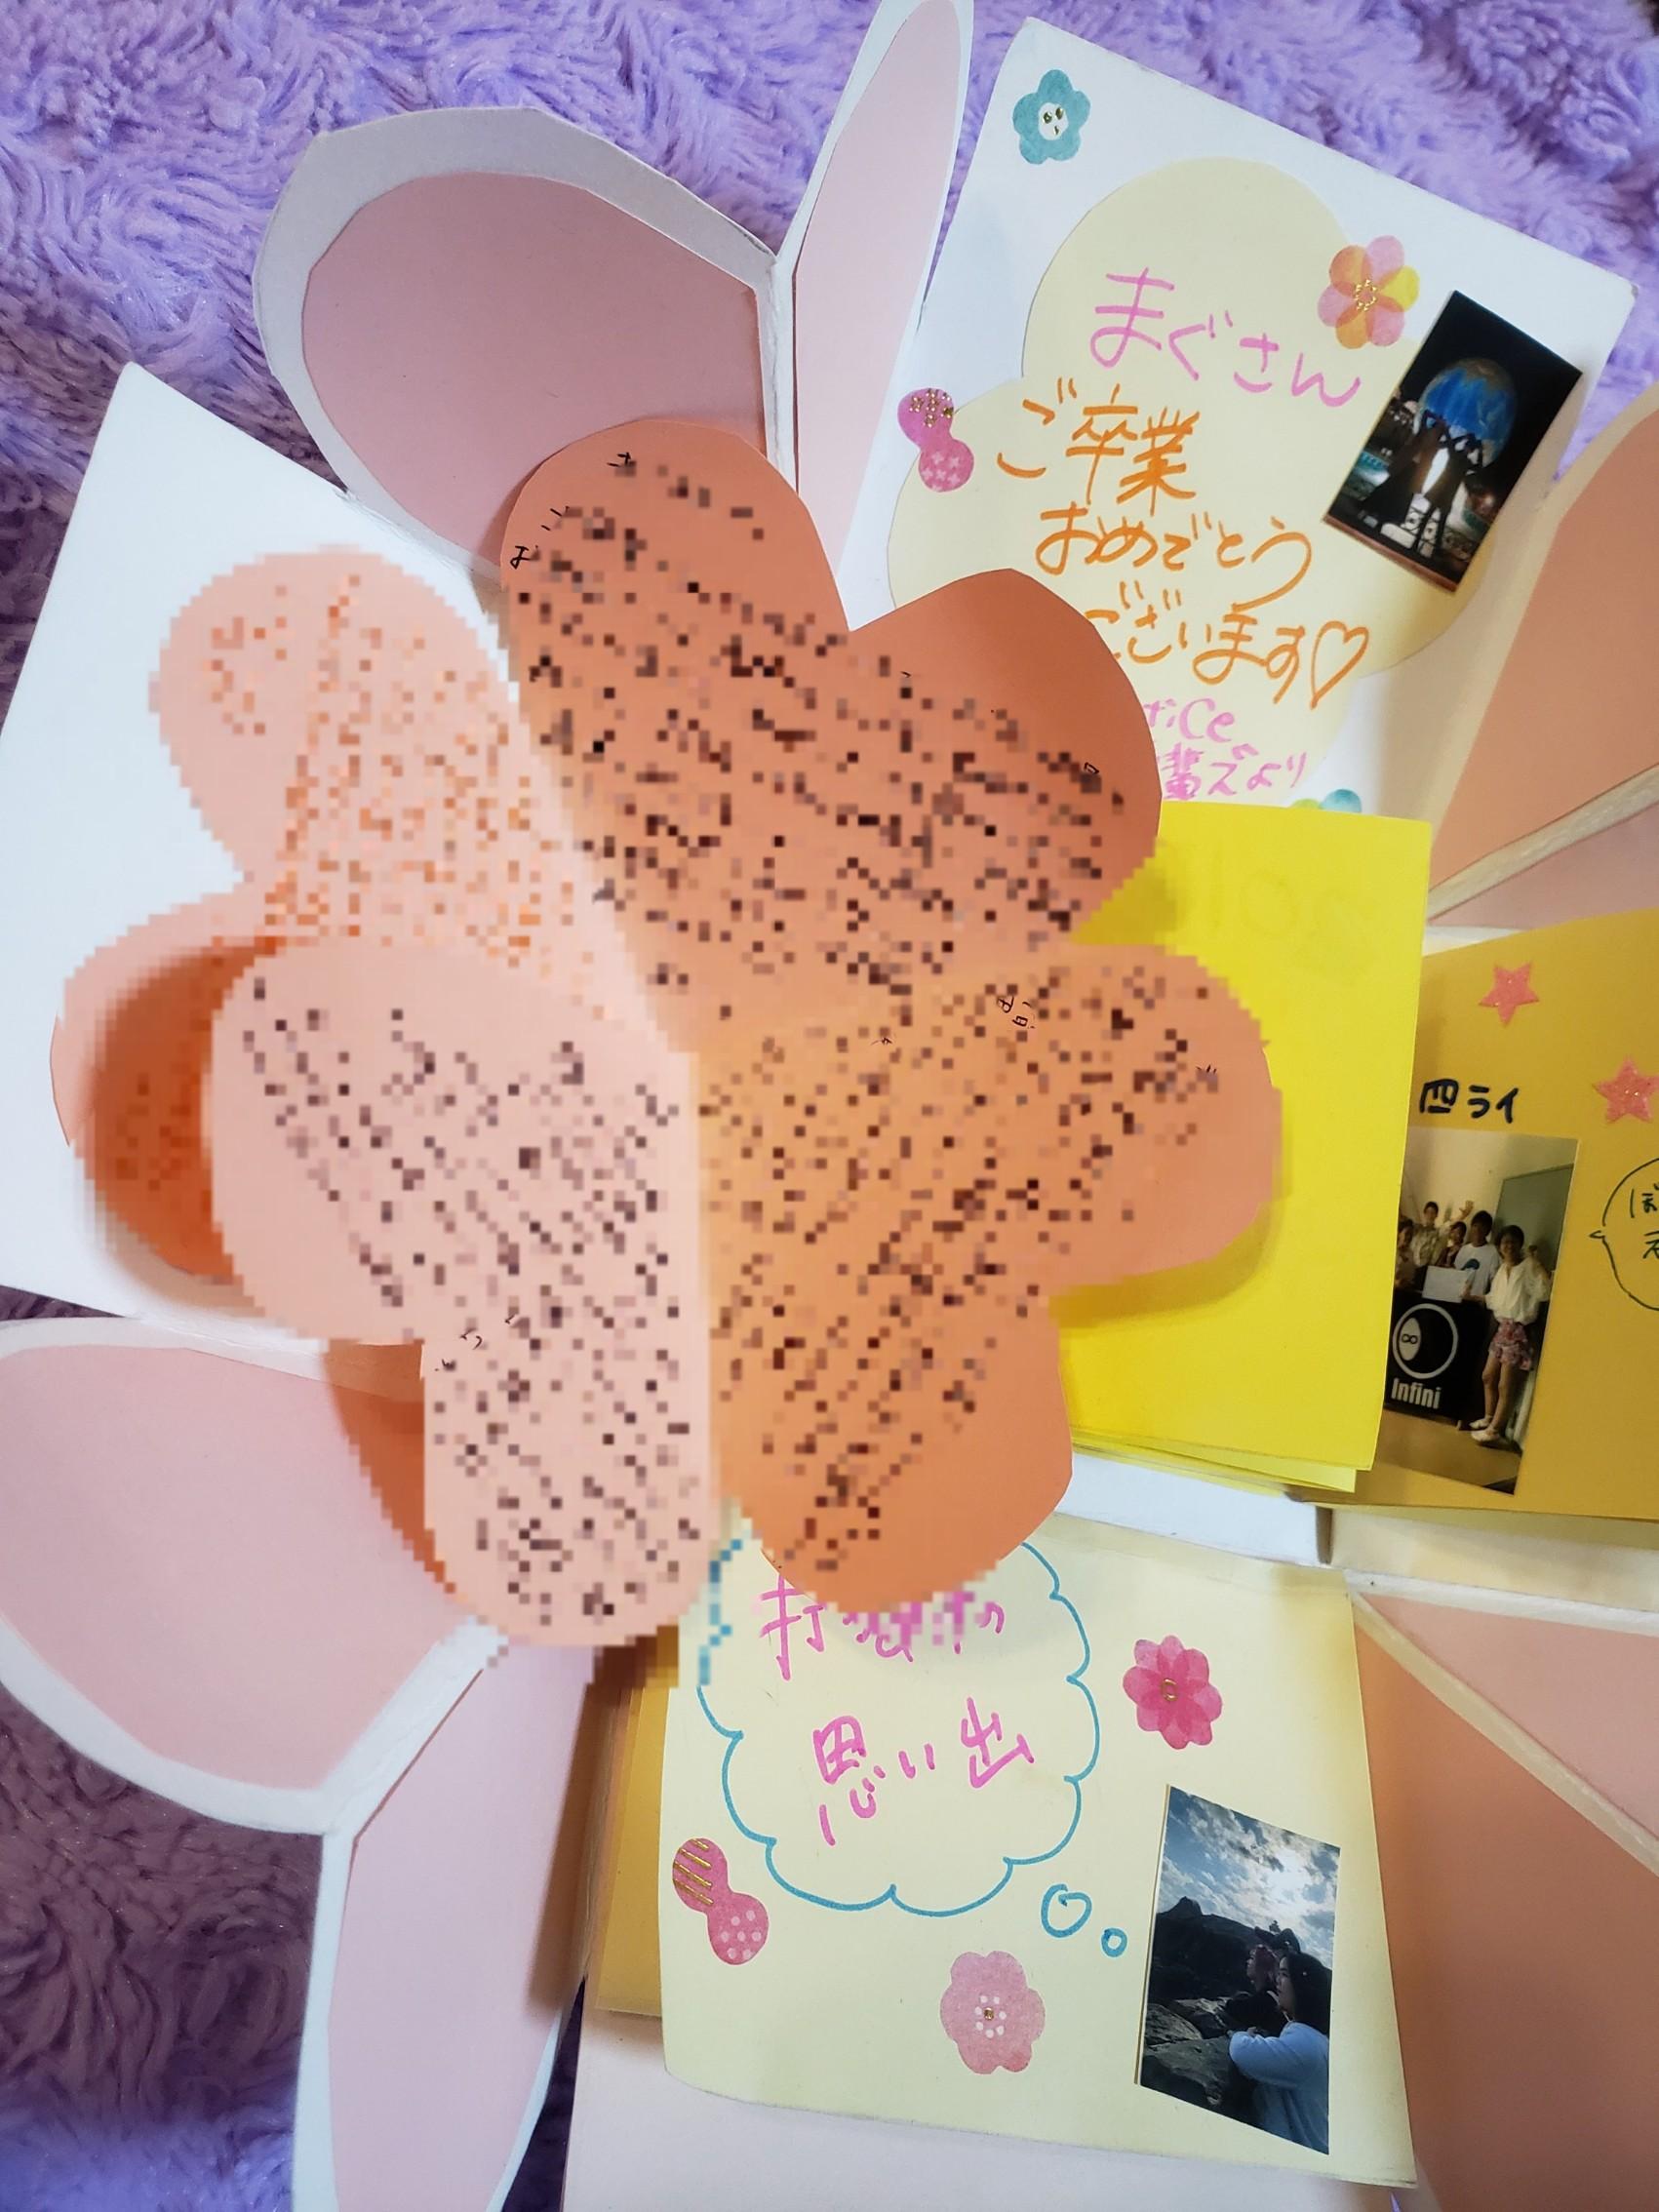 【感動しちゃう!】卒業ライブでもらった寄せ書きが感動の宝石箱\(^_^)/_7